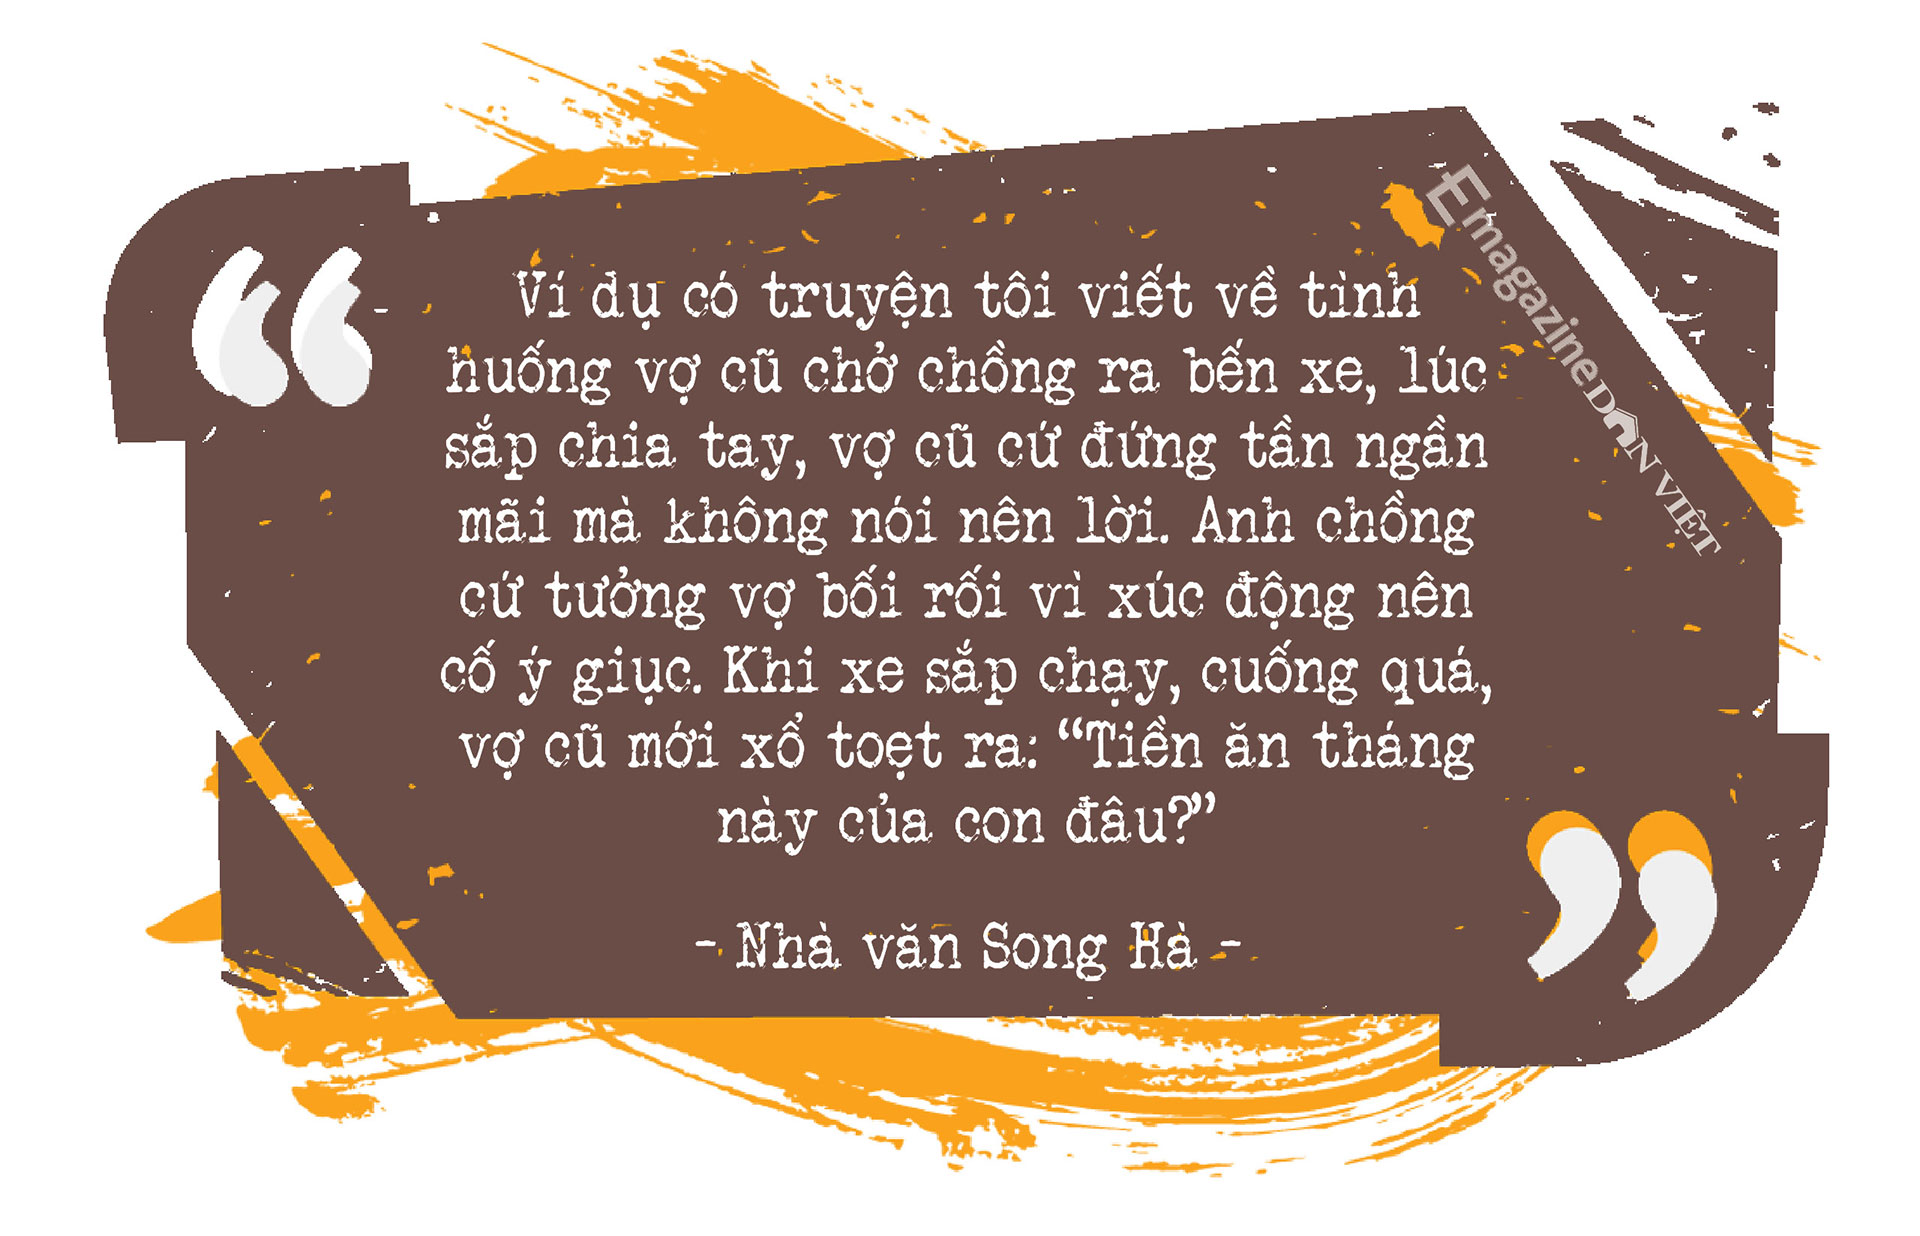 Cây bút văn học mạng Song Hà: Mảng đề tài đa cấp, đòi nợ… tôi viết dễ như thò tay vào túi lấy kẹo - Ảnh 9.